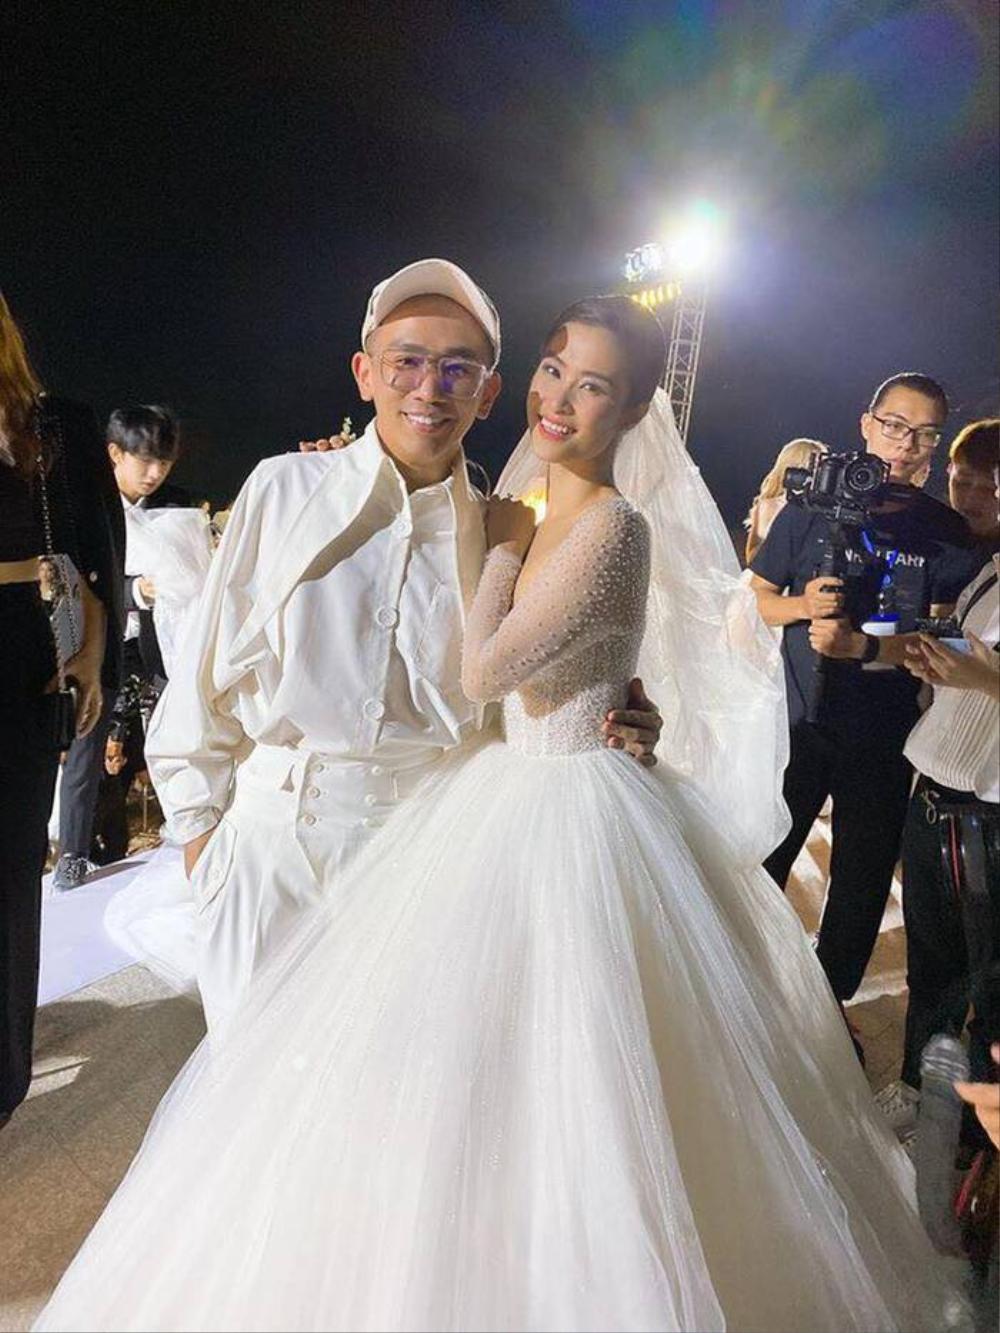 Đông Nhi - Đặng Thu Thảo - Nhã Phương đều được chuyên gia Minh Lộc trang điểm ở đám cưới thế kỷ Ảnh 1